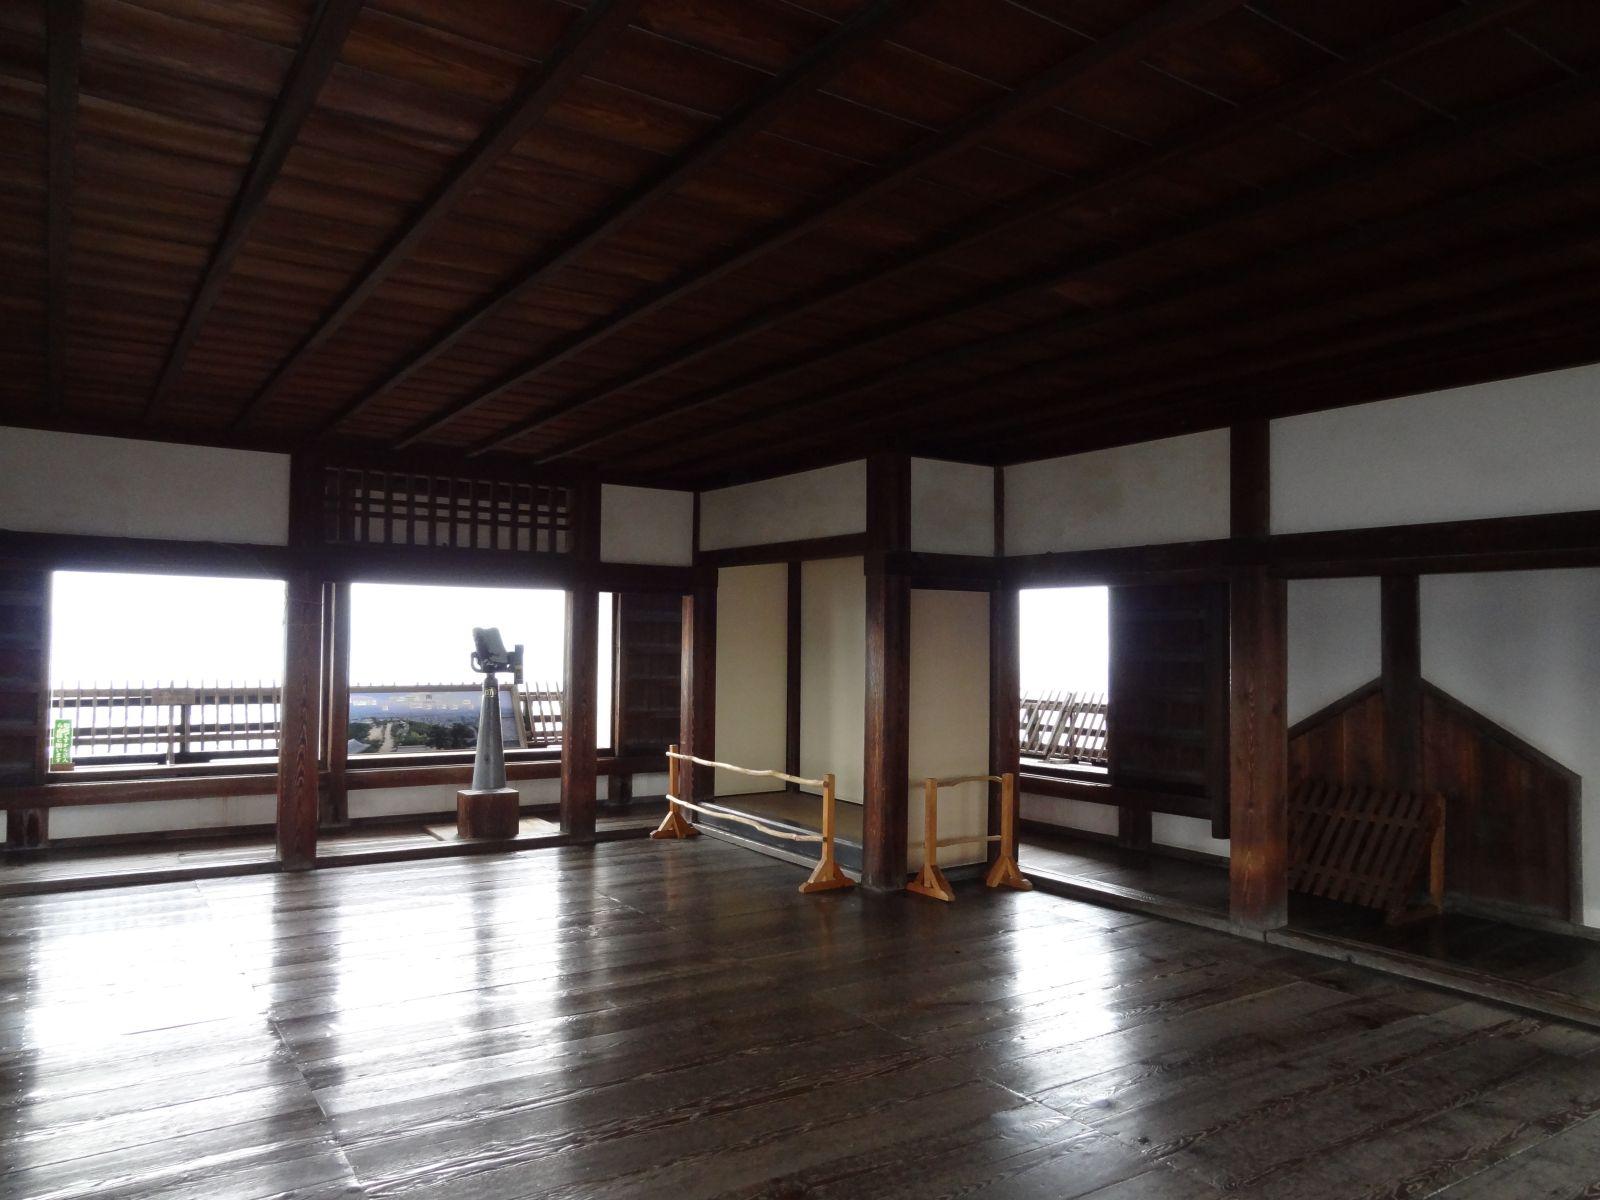 松山城天守閣三階の写真です。クリックすると拡大します。